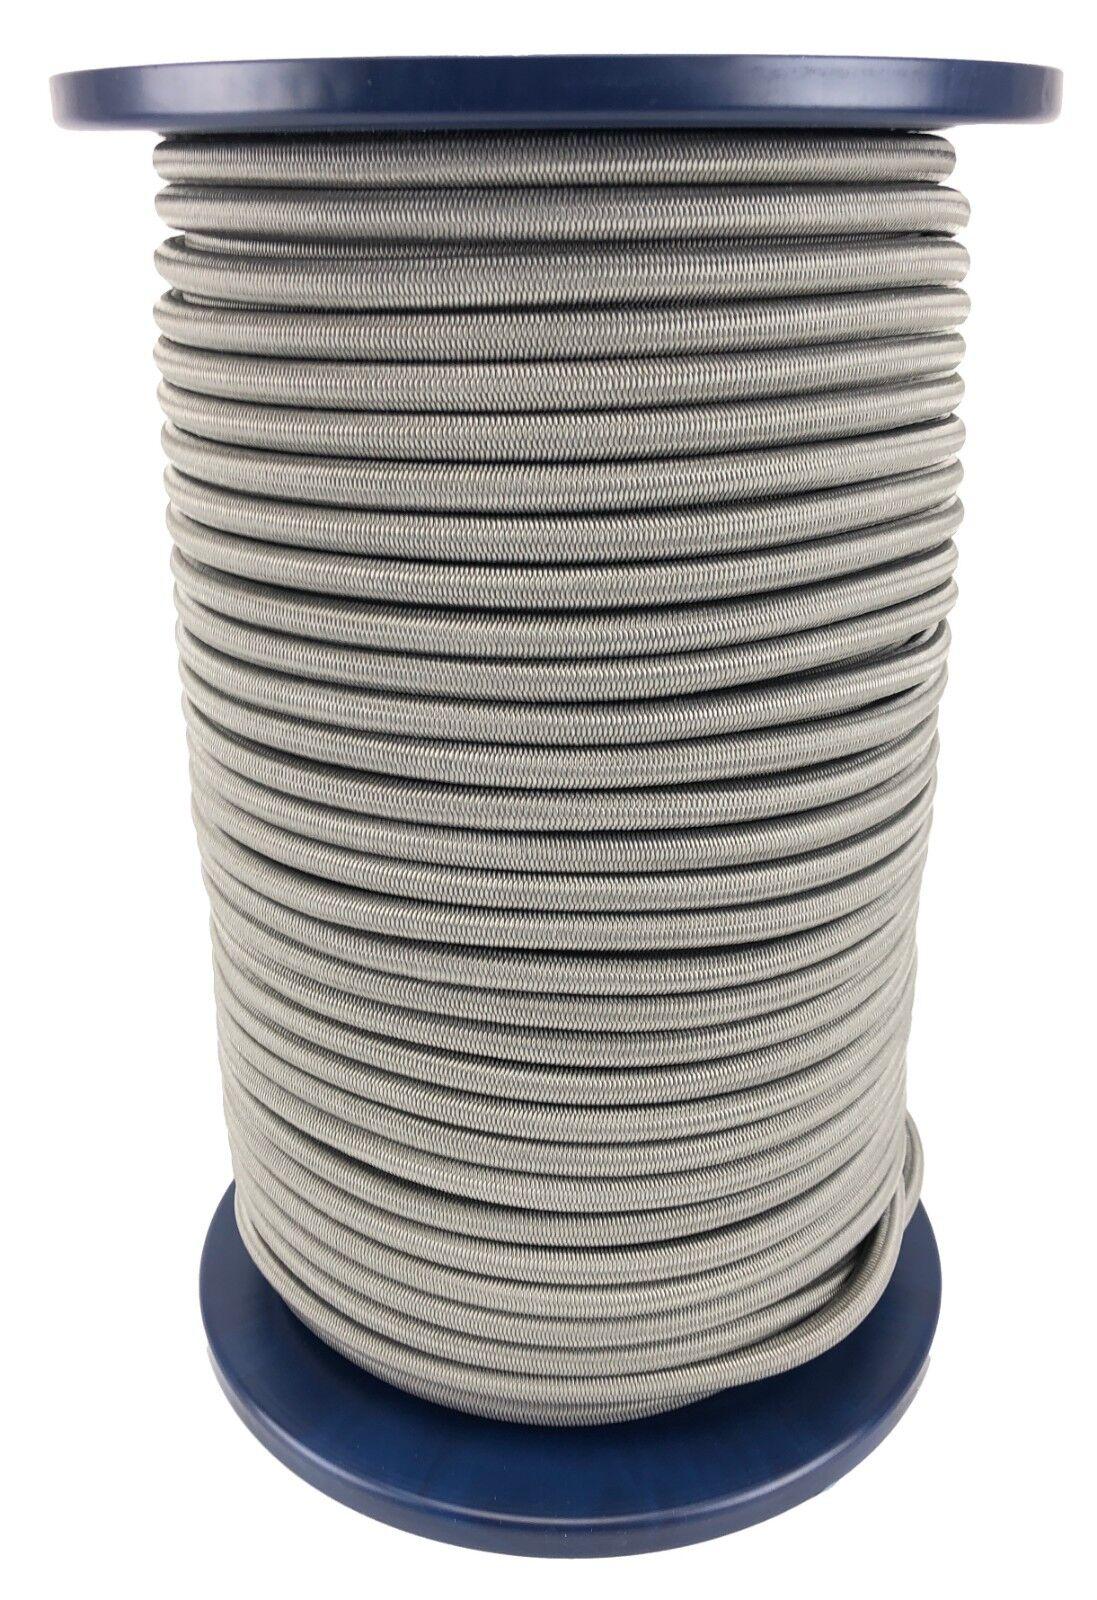 12mm gris Cuerda Elástica Cuerda X 45 Metros Cuerda Elástica Anudable